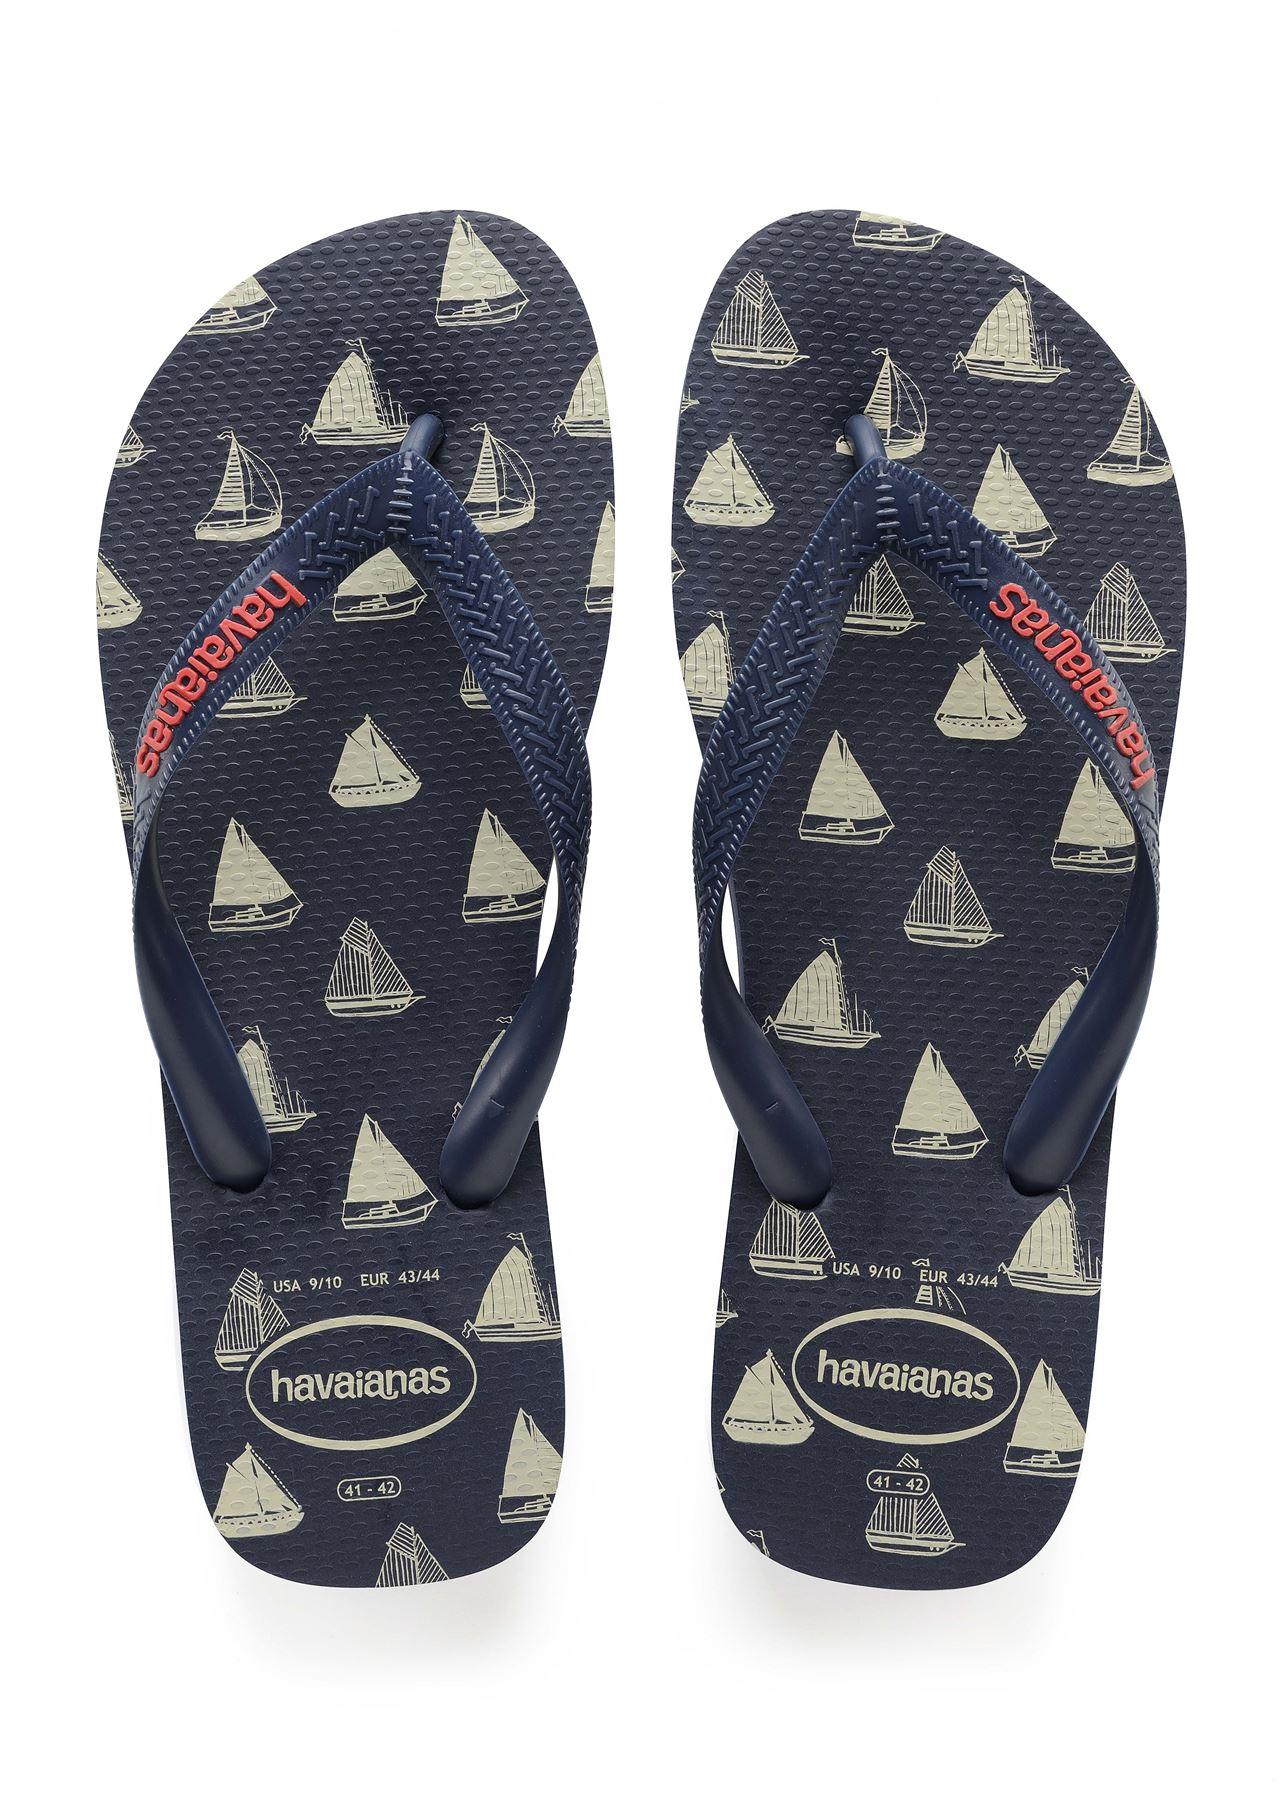 Havaianas Top Nautical Flip Flops Summer Beach Pool Sandals in Naval Print